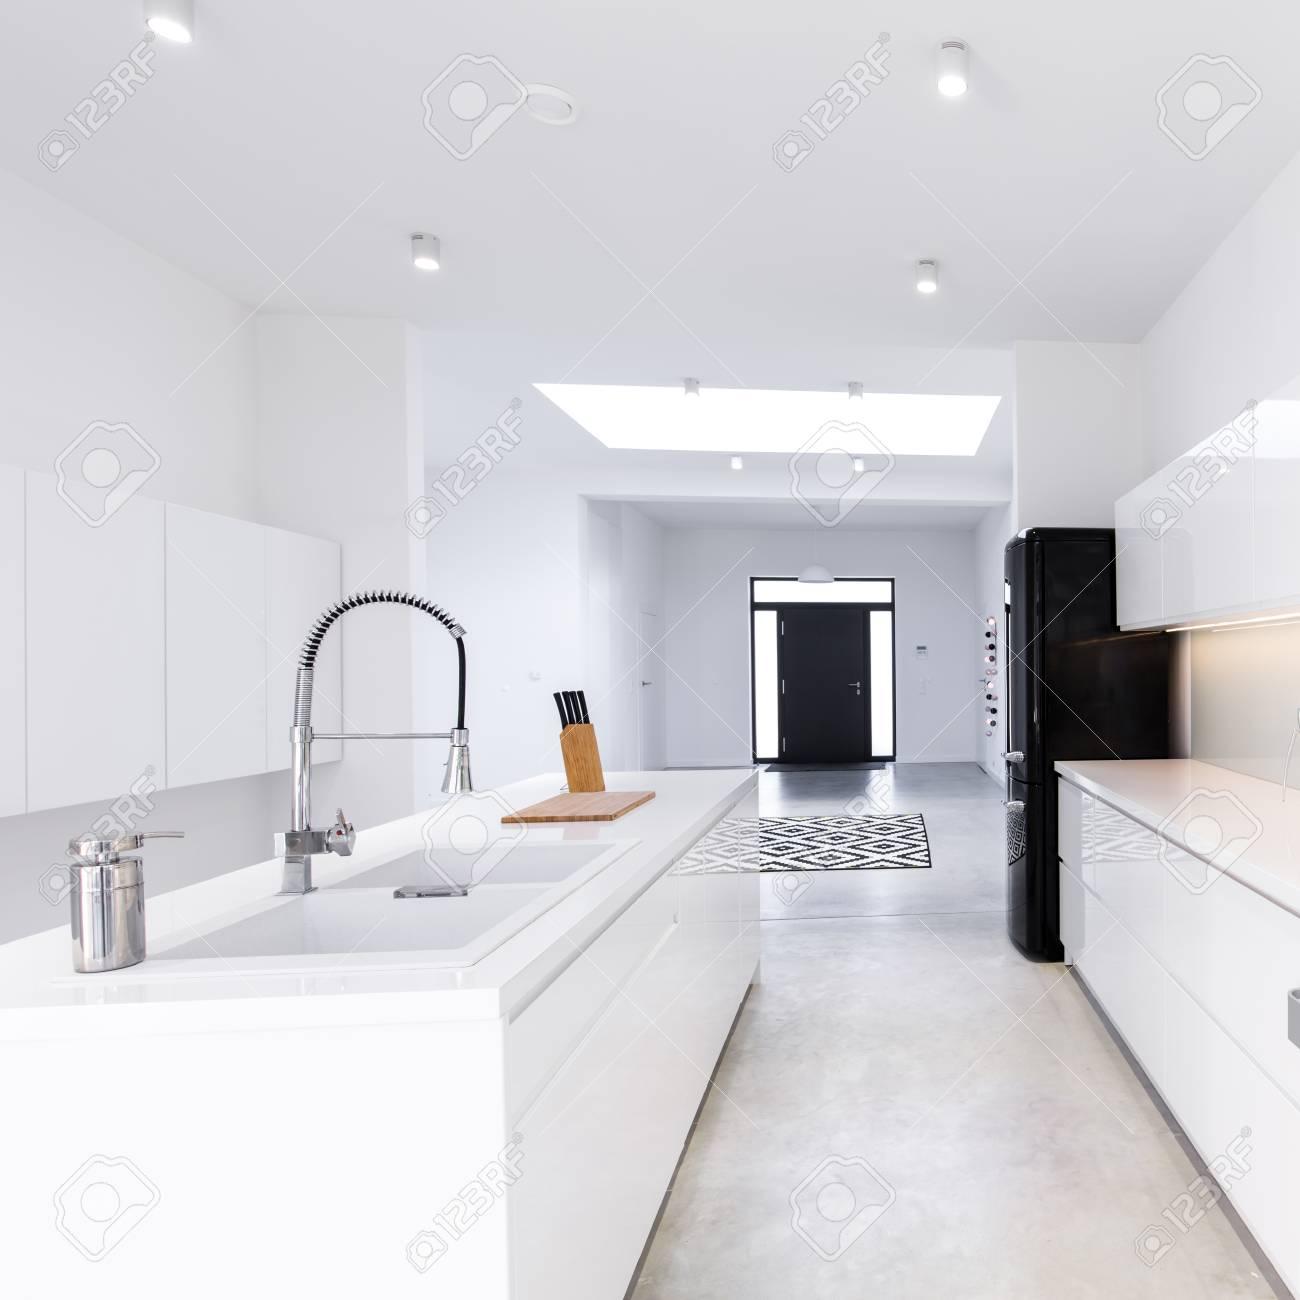 Geräumige Moderne Offene Küche Mit Weißen Einbauschränken ...